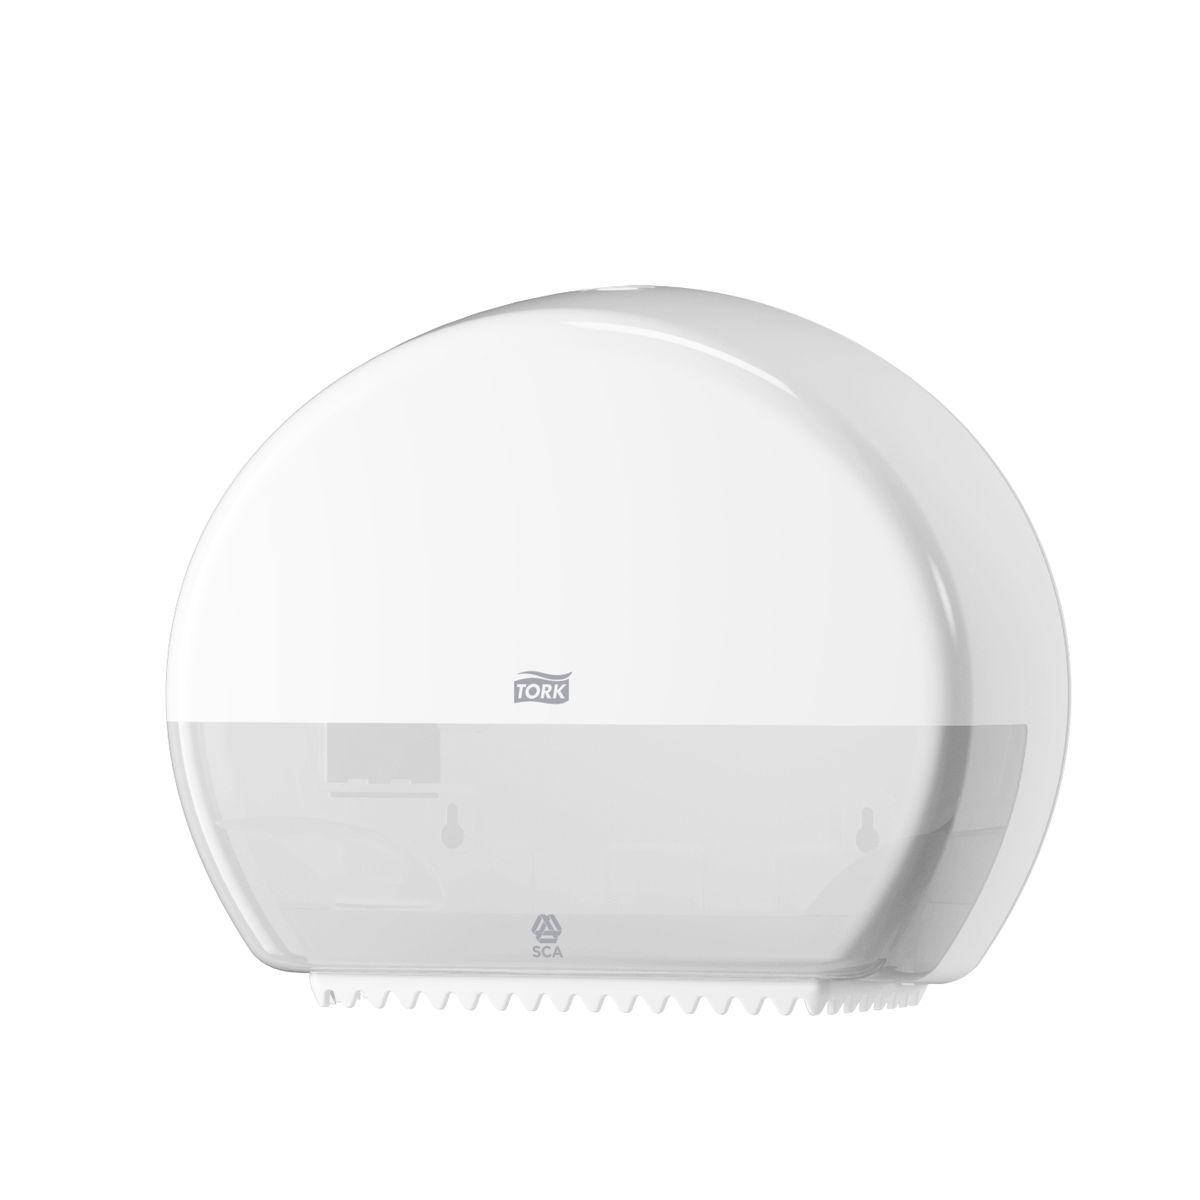 Диспенсер для туалетной бумаги Tork, цвет: белый. 555000555000Система T2 - для туалетной бумаги в мини рулонах Держатель изготовлен из ударопрочного пластика белого цвета. Функция Stub Roll позволяет сэкономить до 35 м бумаги. Снабжен специальными зубчиками, которые подходят для отрыва полотна как с перфорацией, так и без нее. Открывается двумя альтернативными способами: ключом и кнопкой. Вмещает рулон длиной до 200 метров.